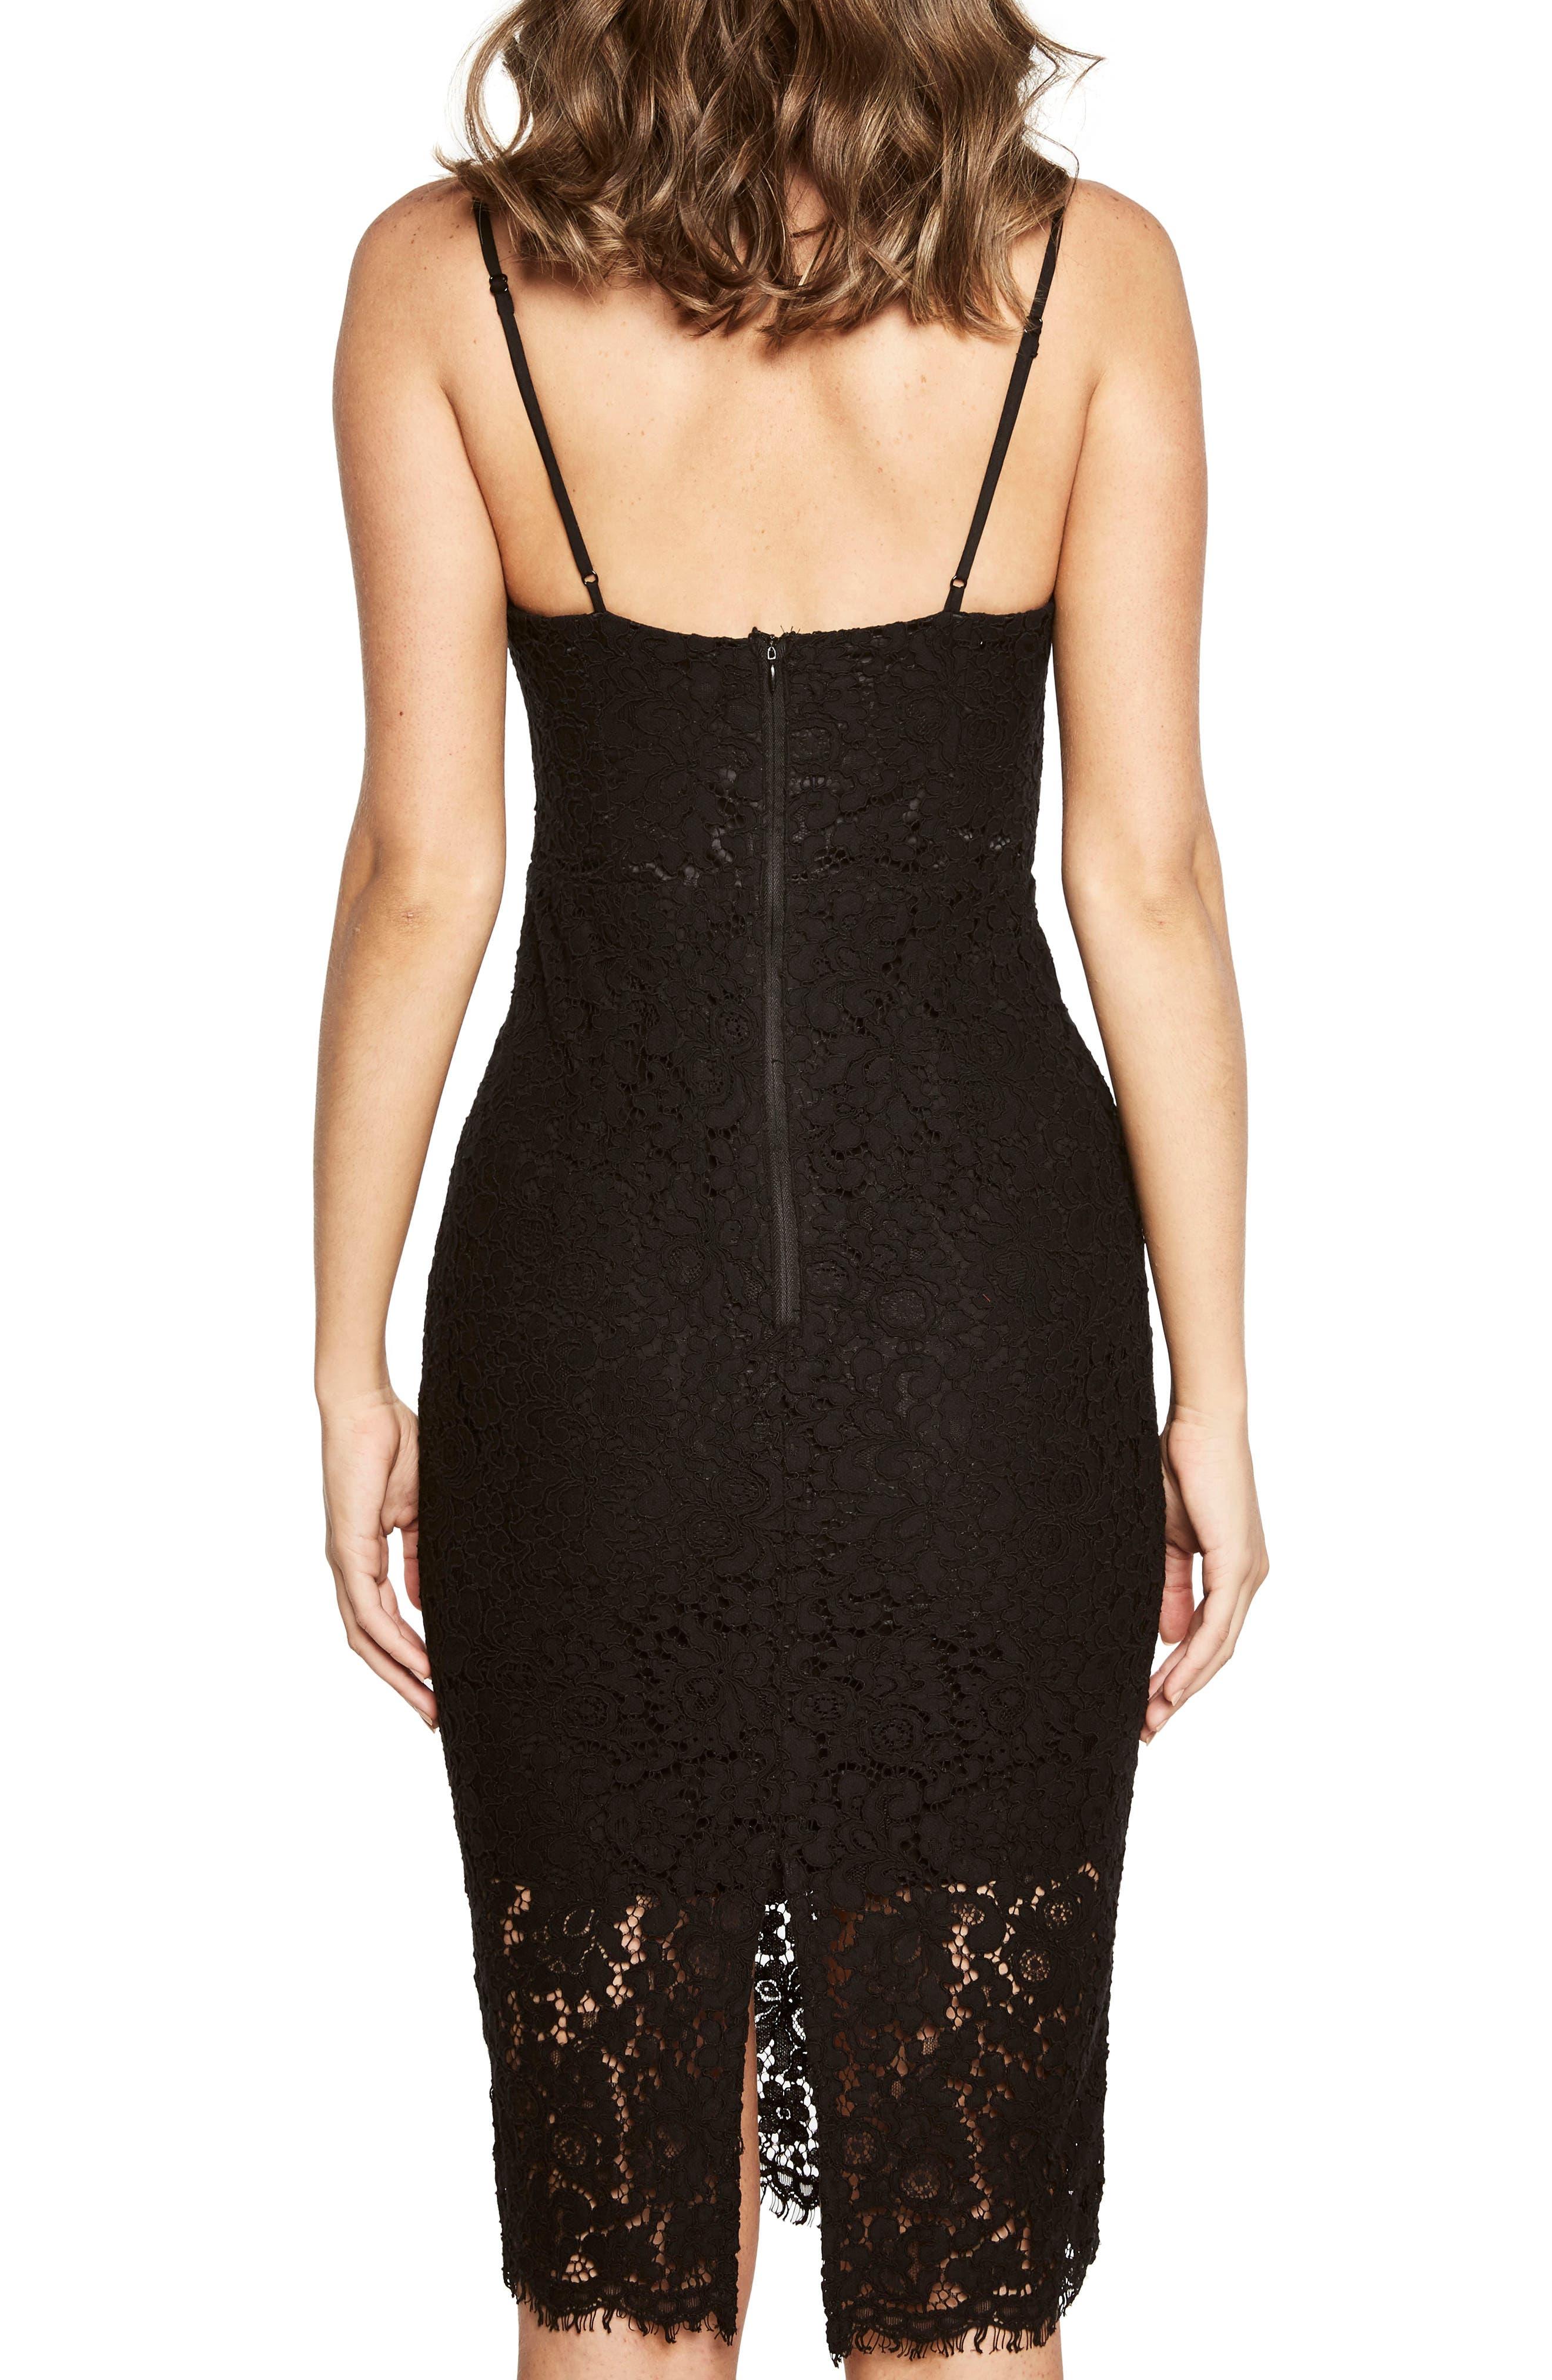 Pierre Lace Dress,                             Alternate thumbnail 2, color,                             Black